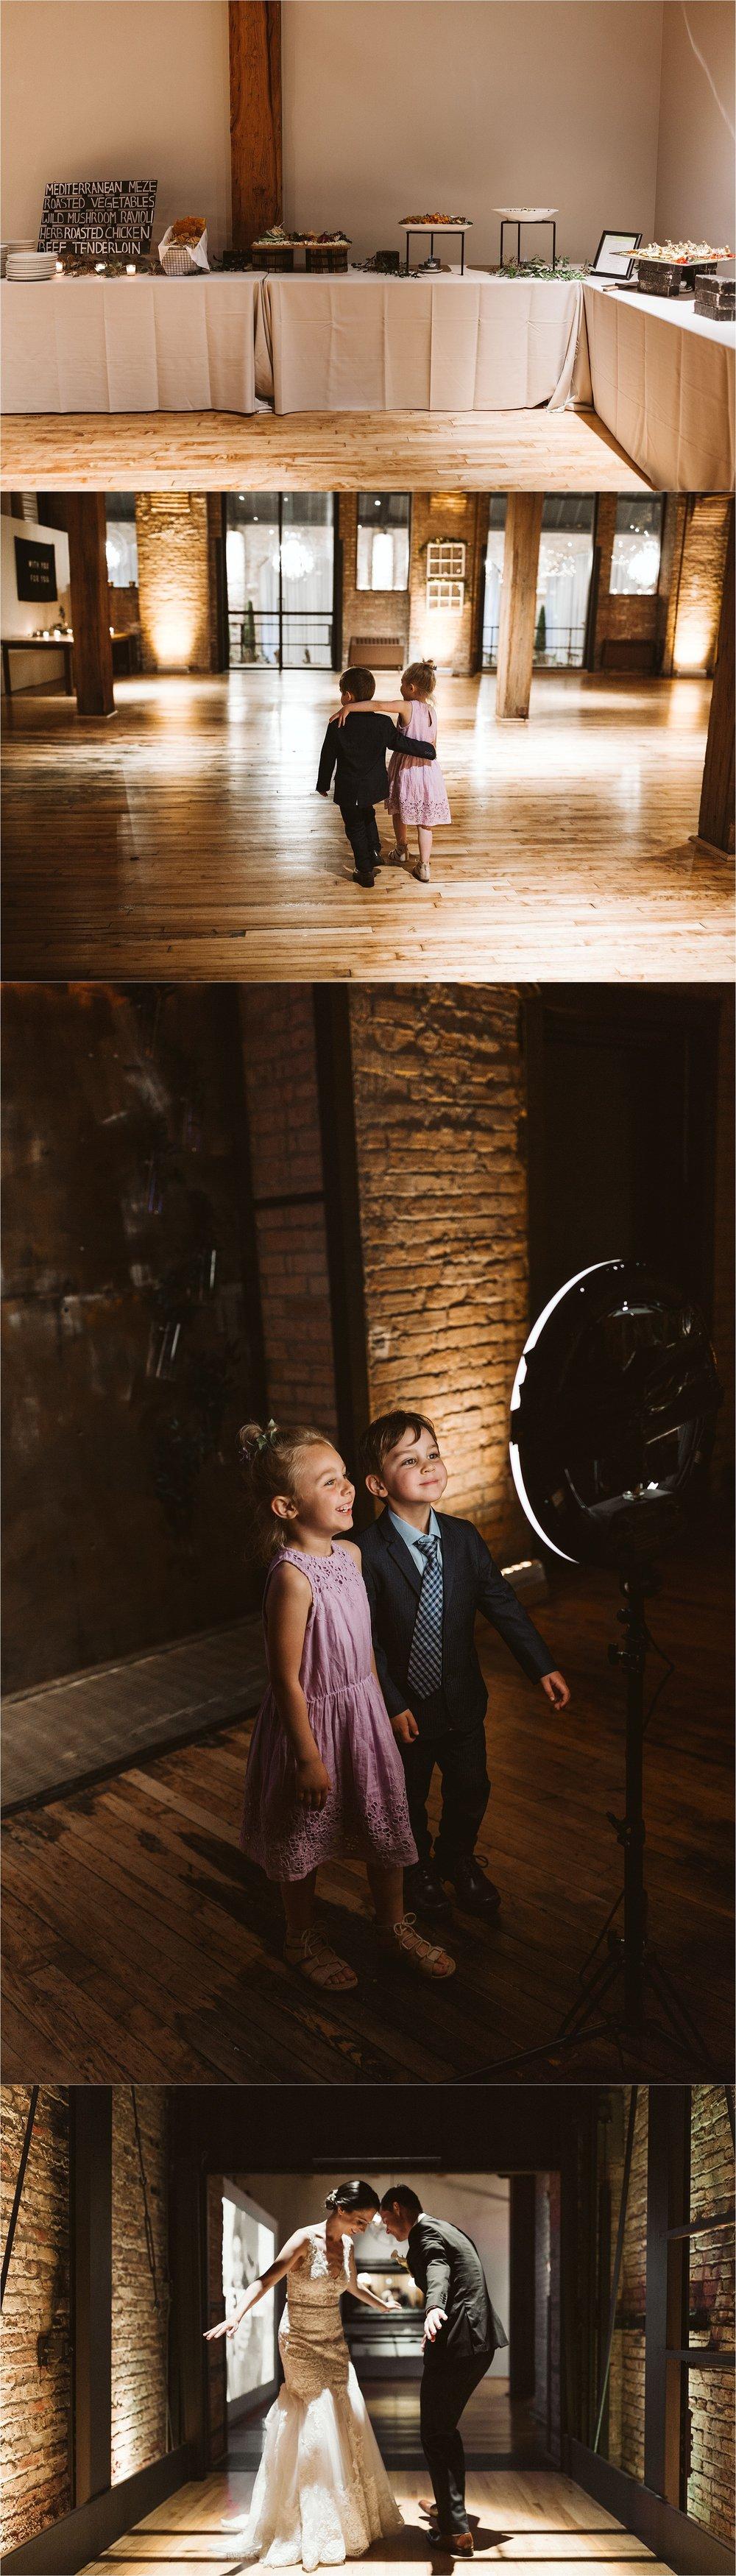 Chicago Bridgeport Art Center Wedding_0128.jpg